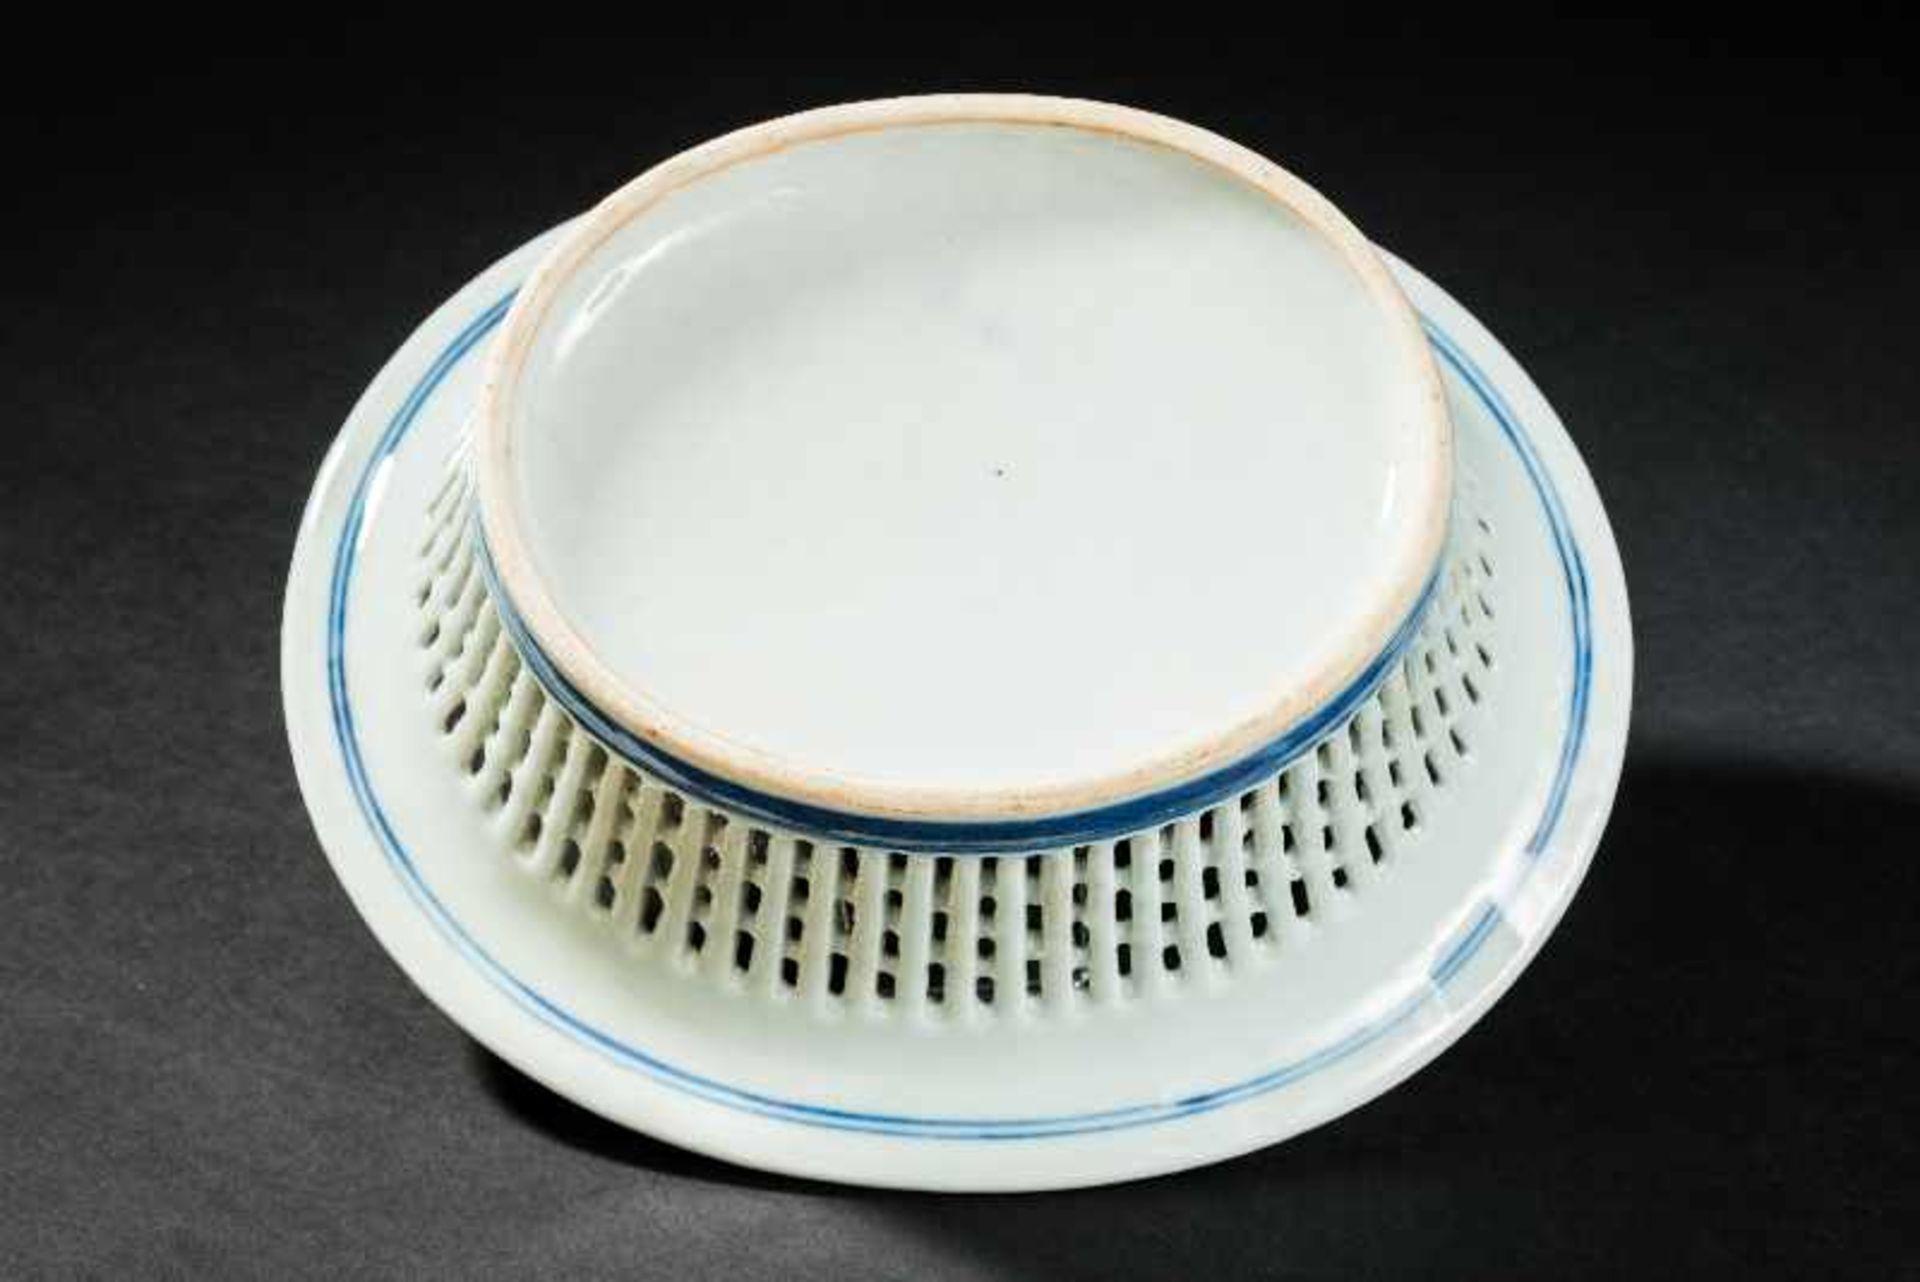 KORB Blauweiß-Porzellan. China, Qing-Dynastie, 19. Jh. In dieser besten Erhaltung ein sehr - Image 3 of 4